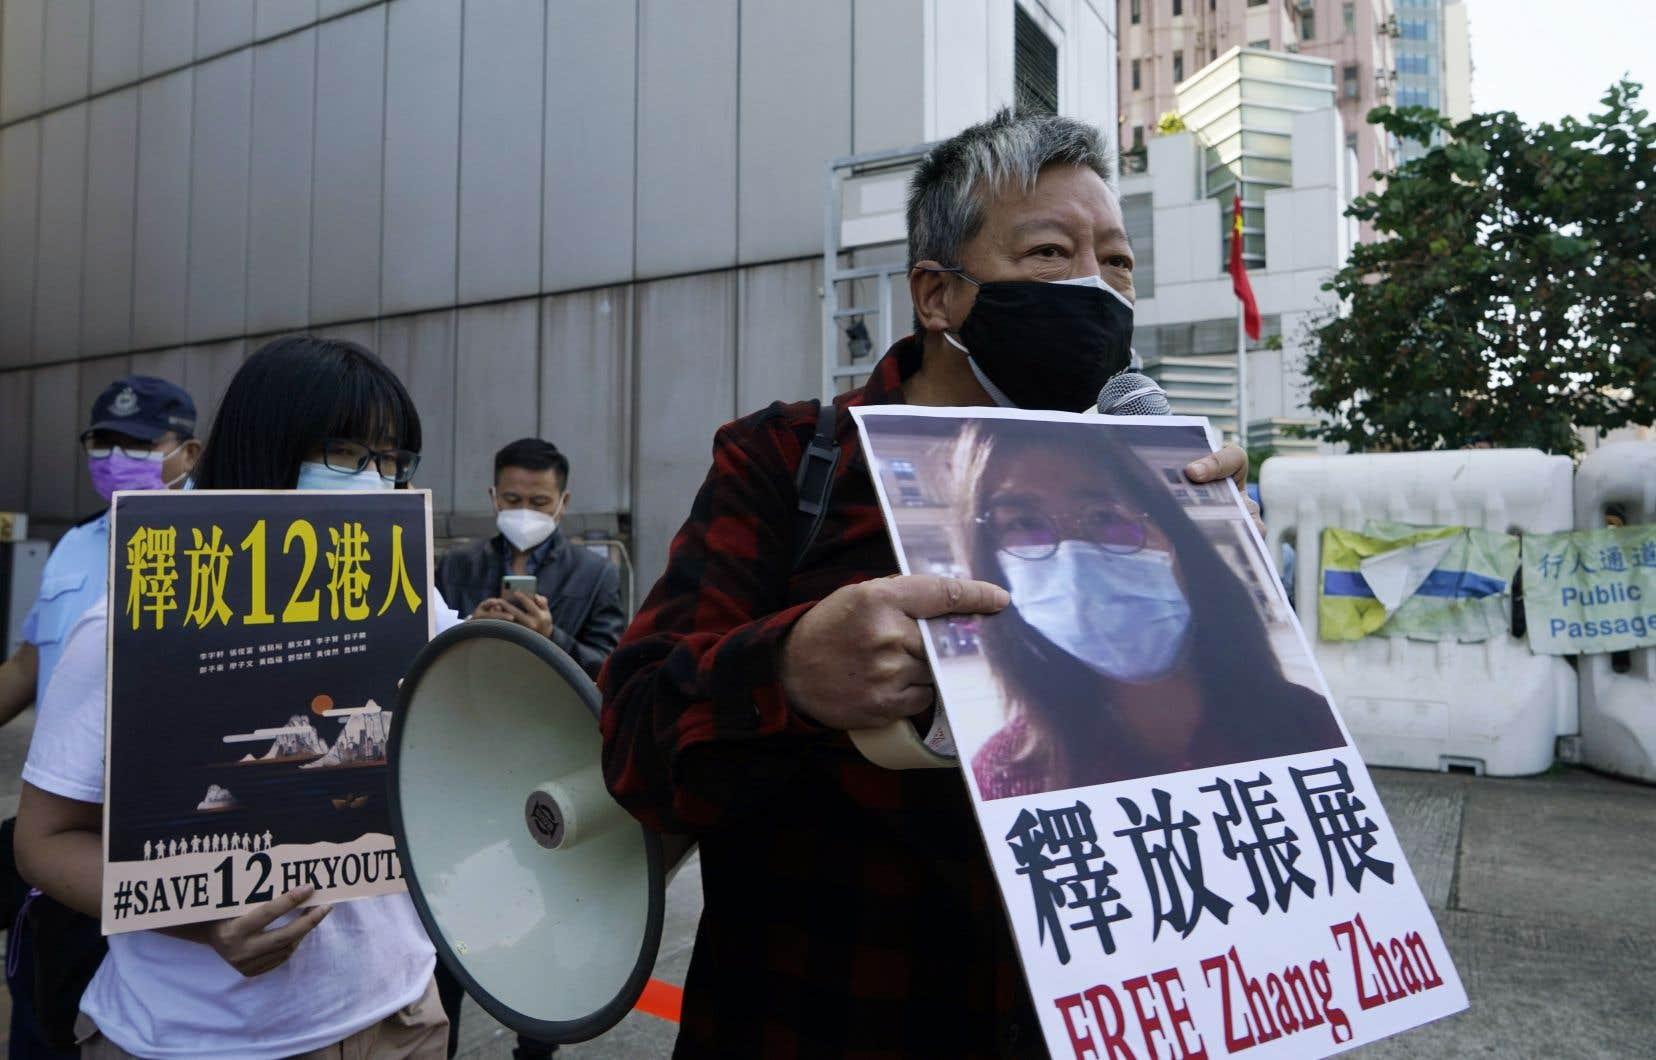 À Hong Kong, des activistes prodémocratie ont manifesté lundi pour réclamer la libération de la journaliste citoyenne.